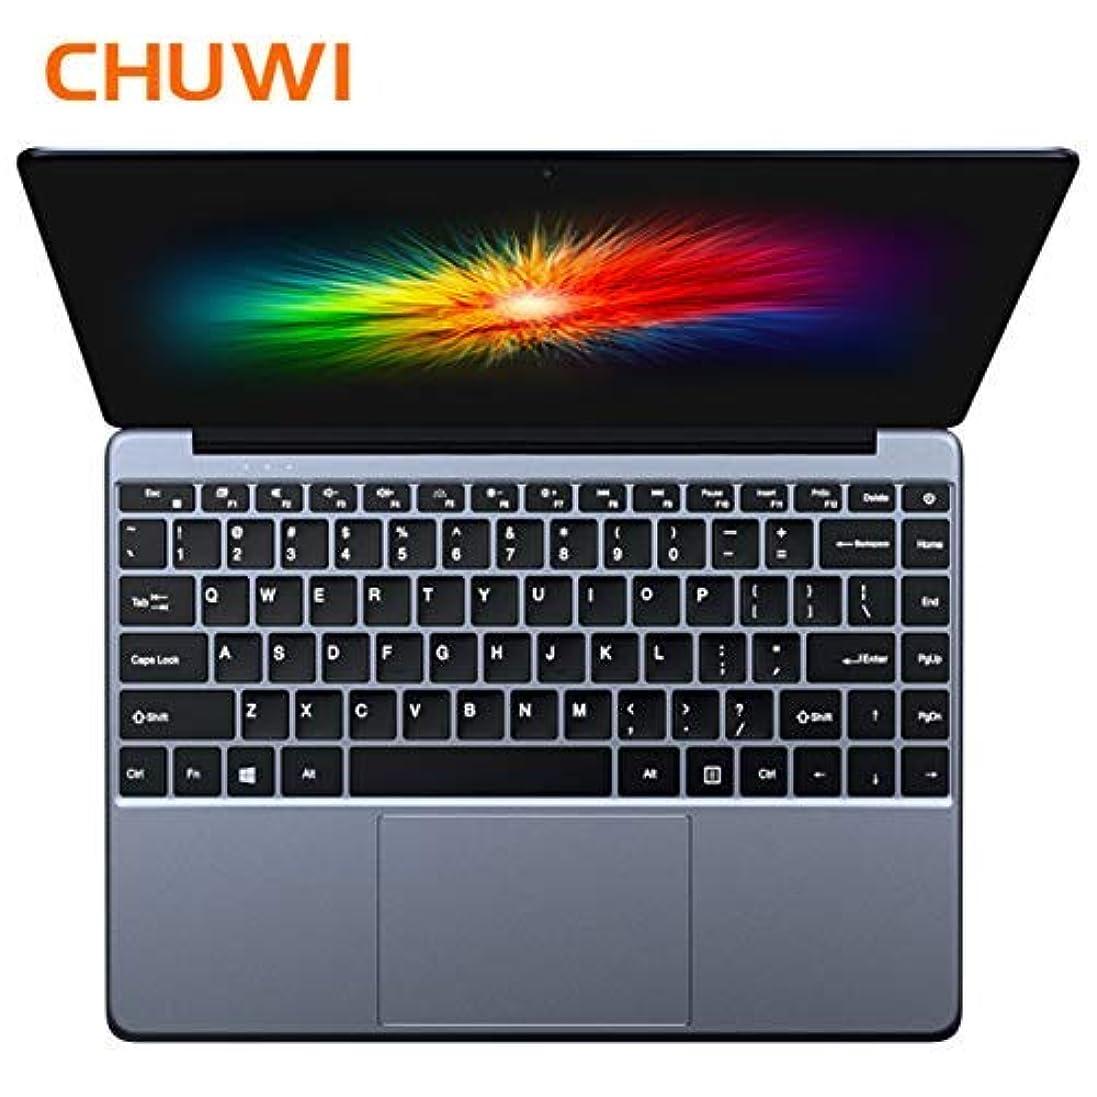 ファウル予知区別CHUWI Lapbook SE ノートパソコン 13.3'' Windows 10 OS N4100 IPS Screen 4GB DDR4 RAM 64G ROM eMMC Dual Wifi 1920*1080